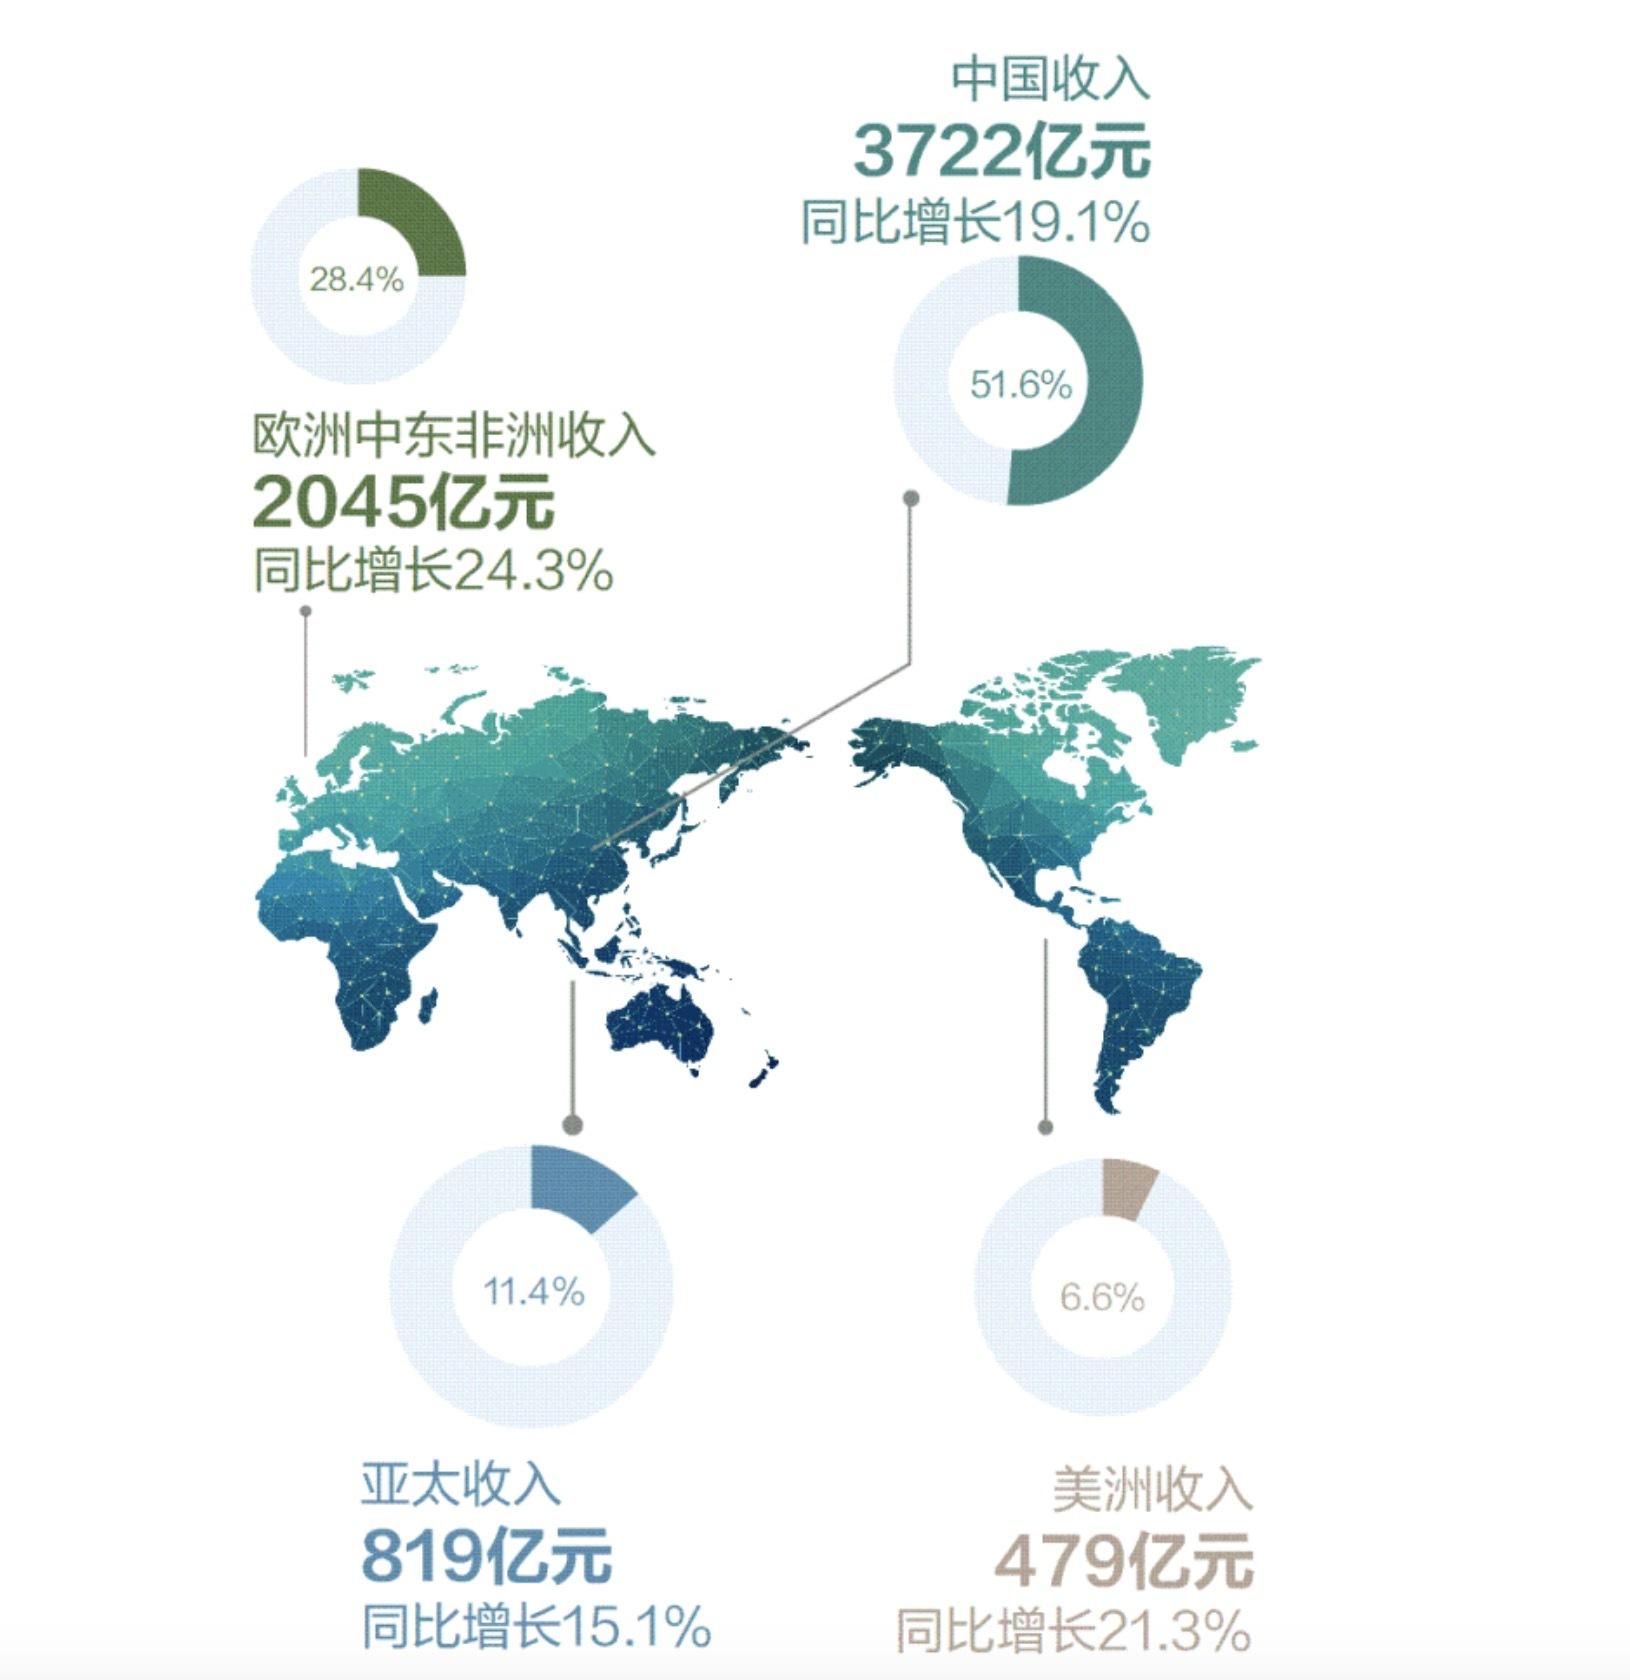 华为2018:年收入首破千亿美元大关,研发投入过千亿